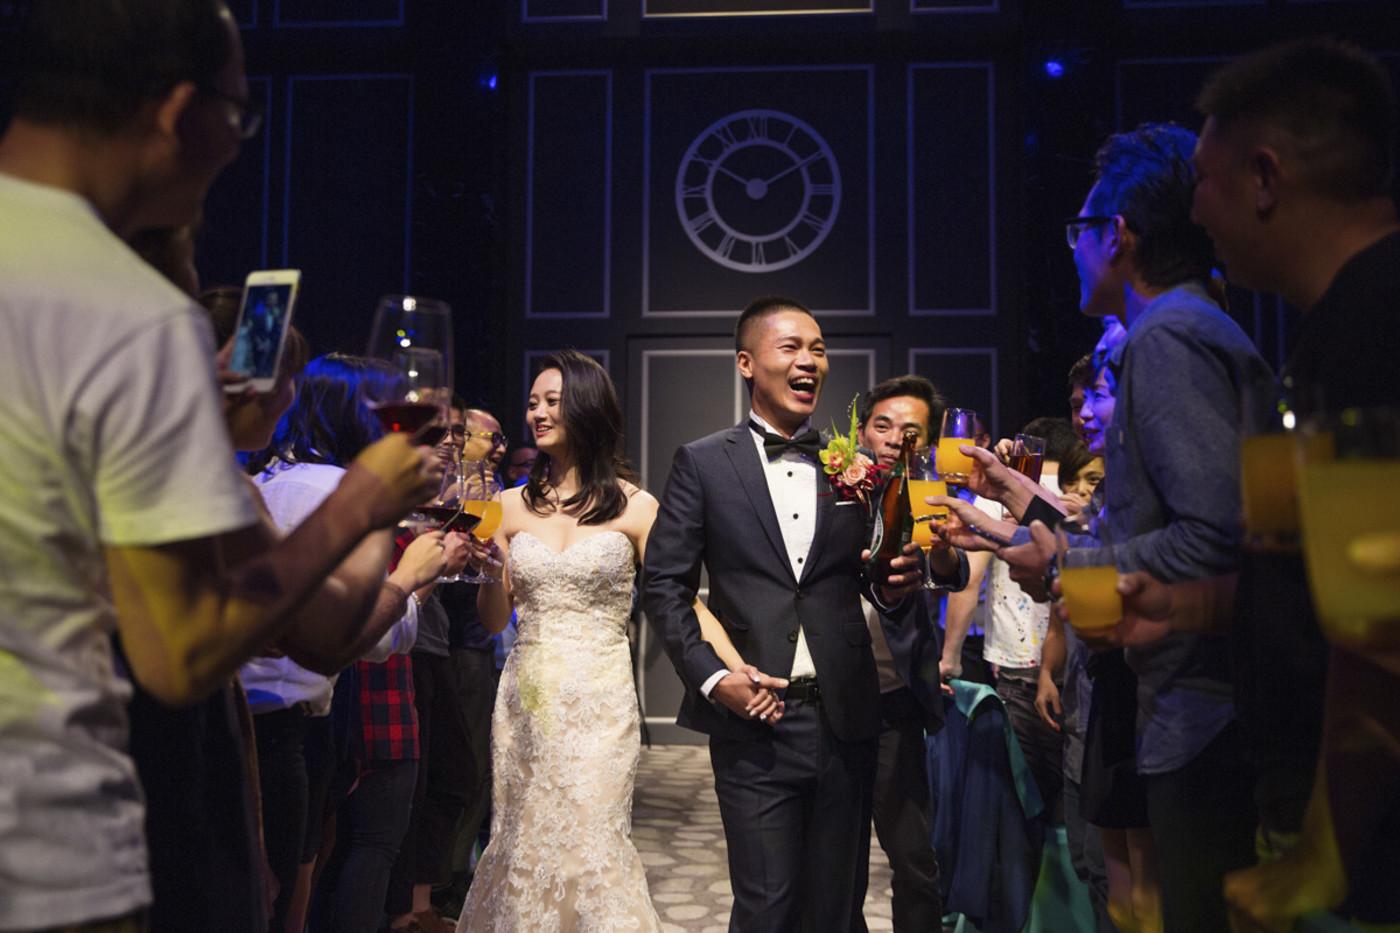 「KAI 婚礼纪实」一场来自宝岛台湾的婚礼40